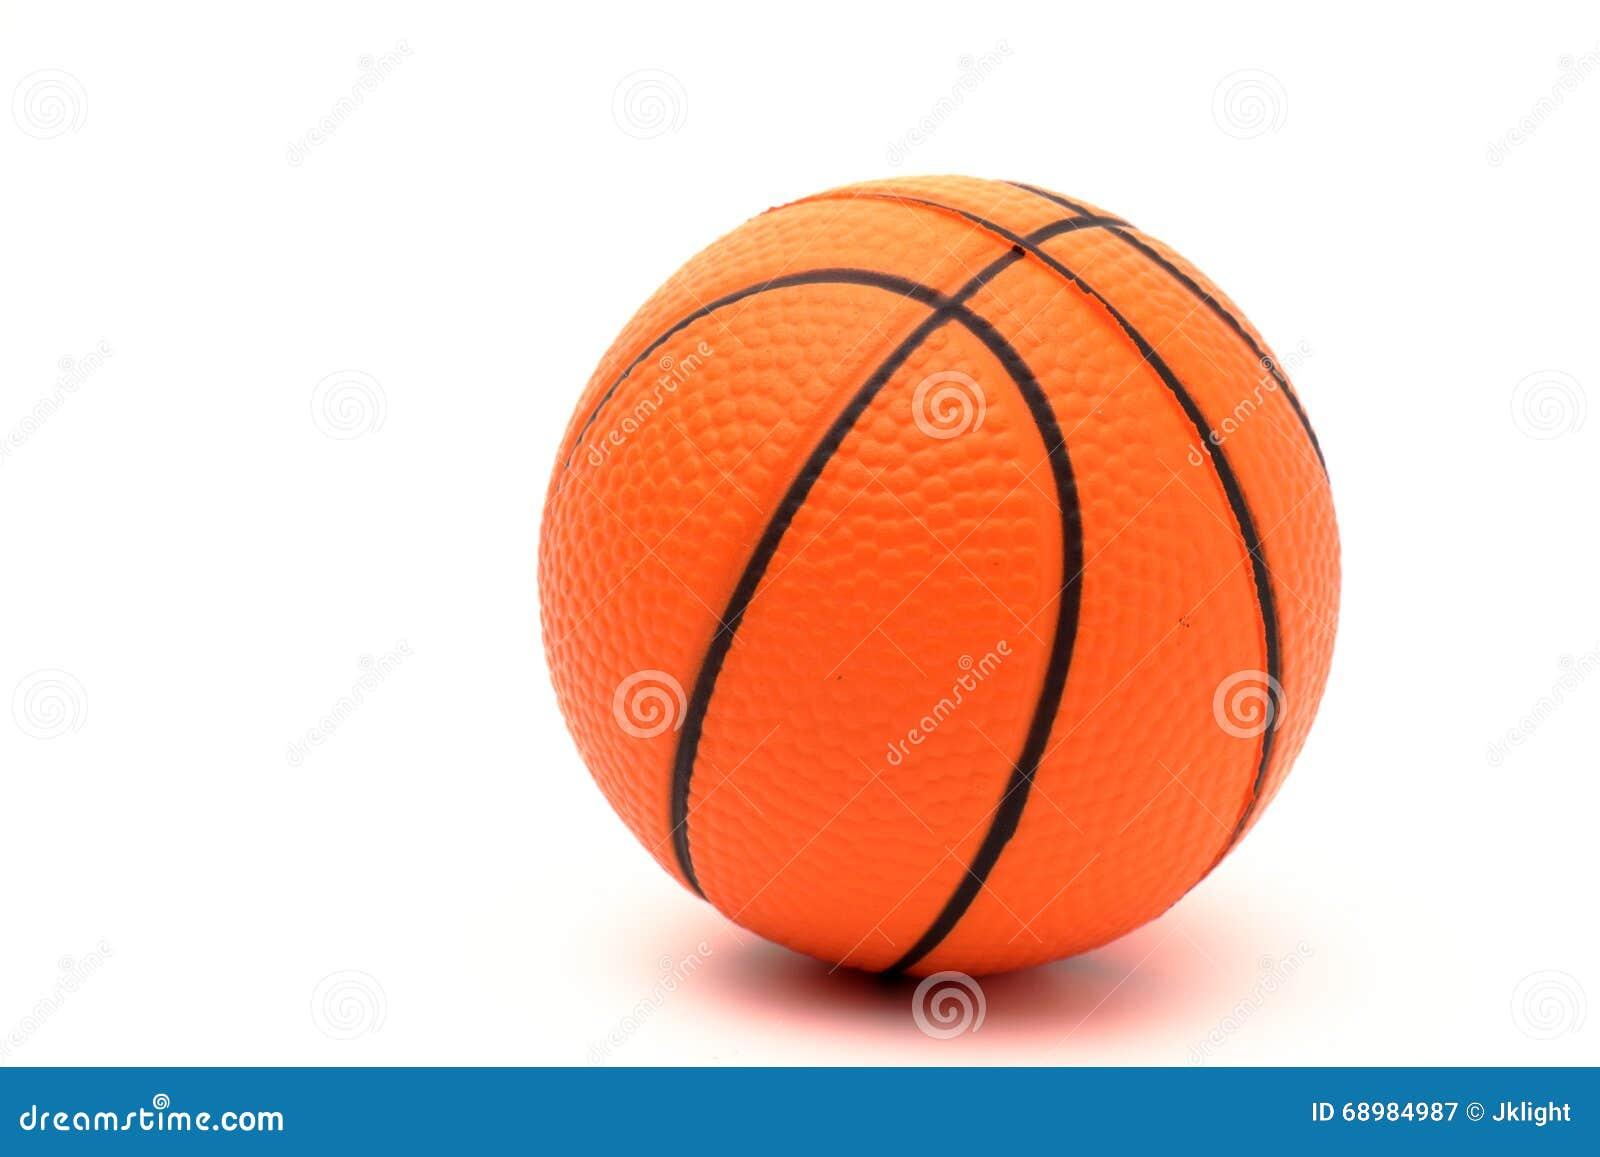 Tirado de un baloncesto